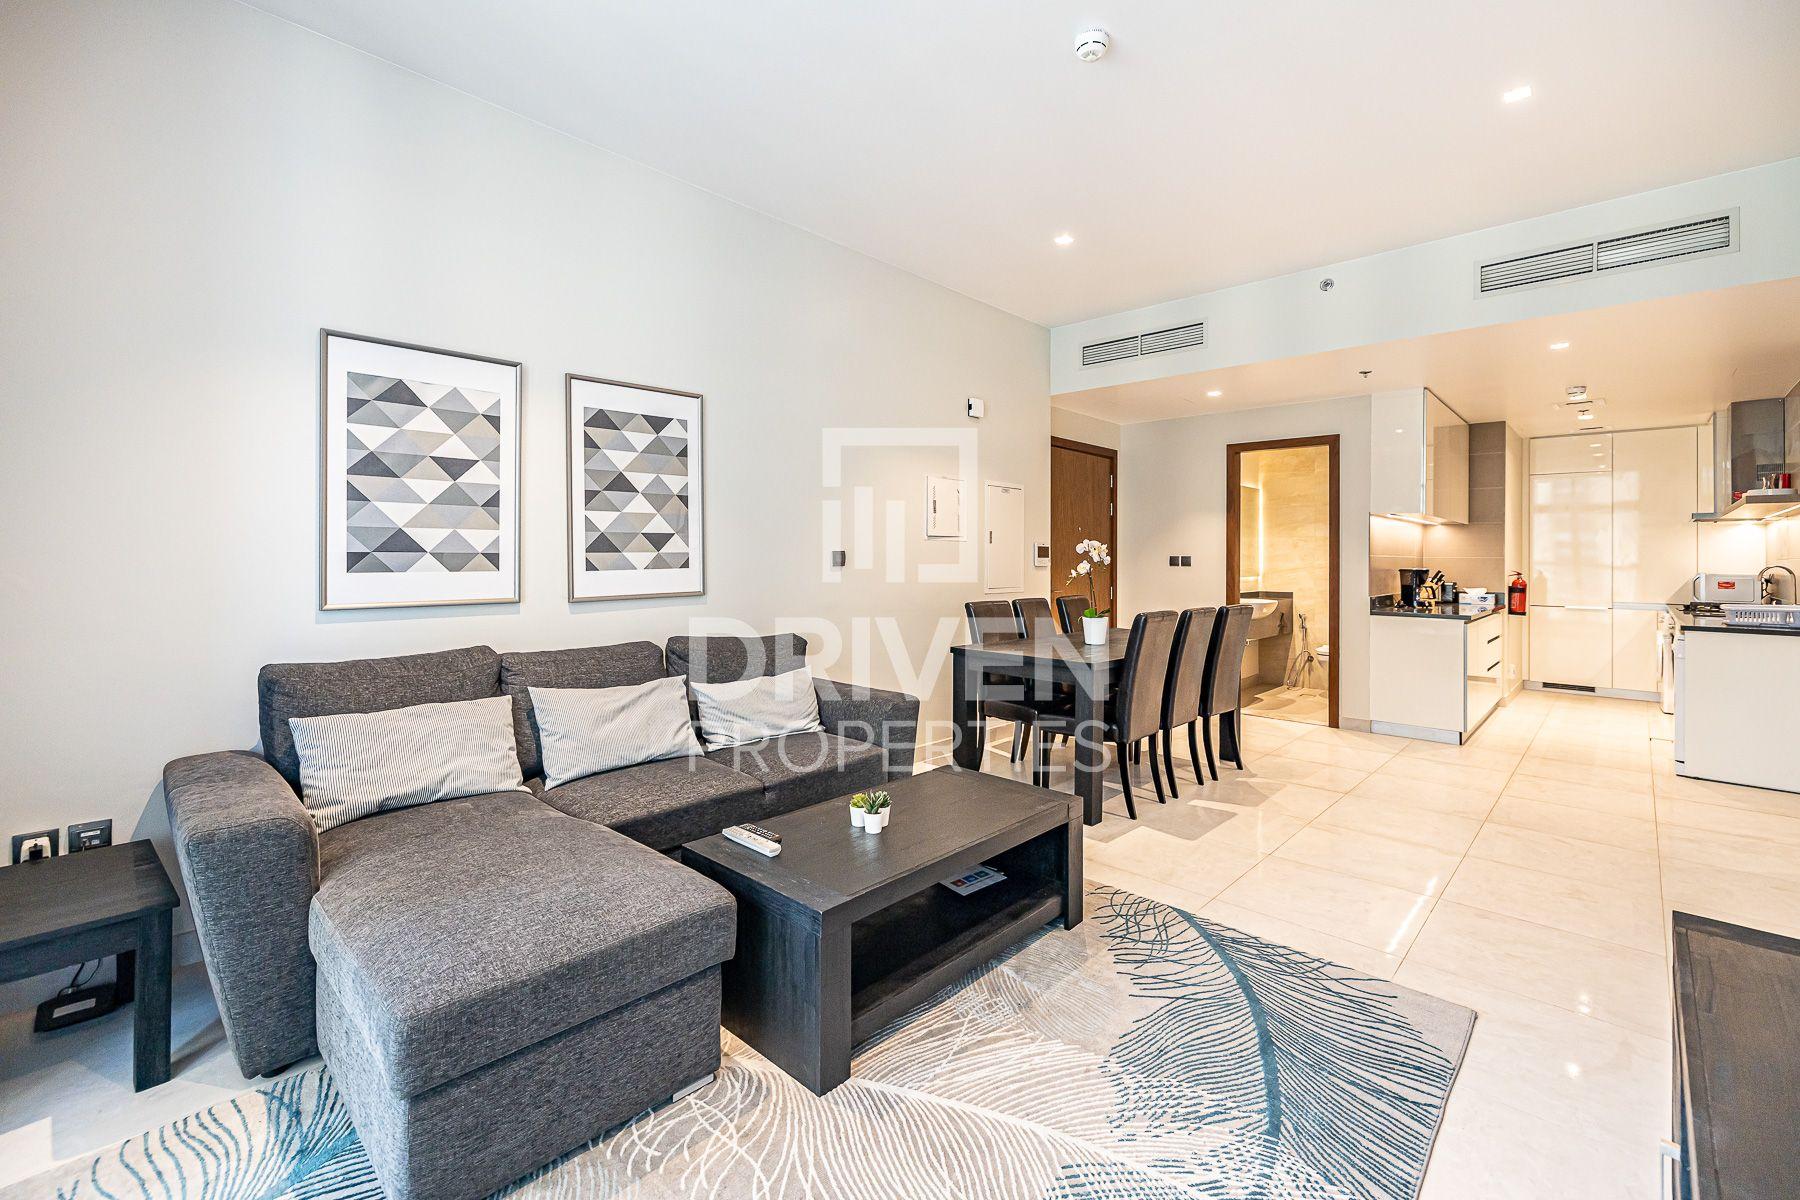 Apartment for Rent in No.9 - Dubai Marina